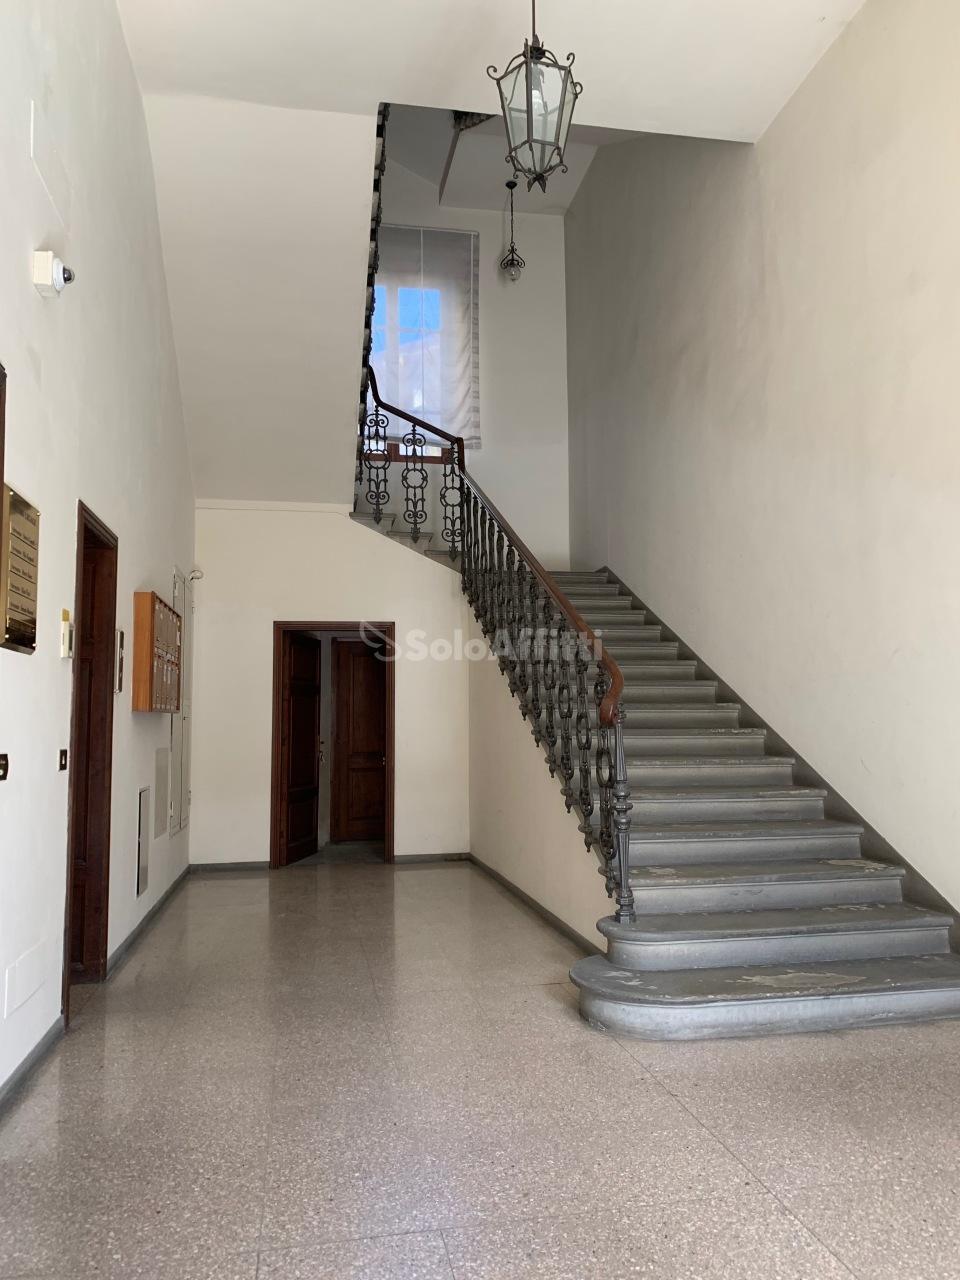 Ufficio - 4 locali a Centro Storico, Arezzo Rif. 9863171